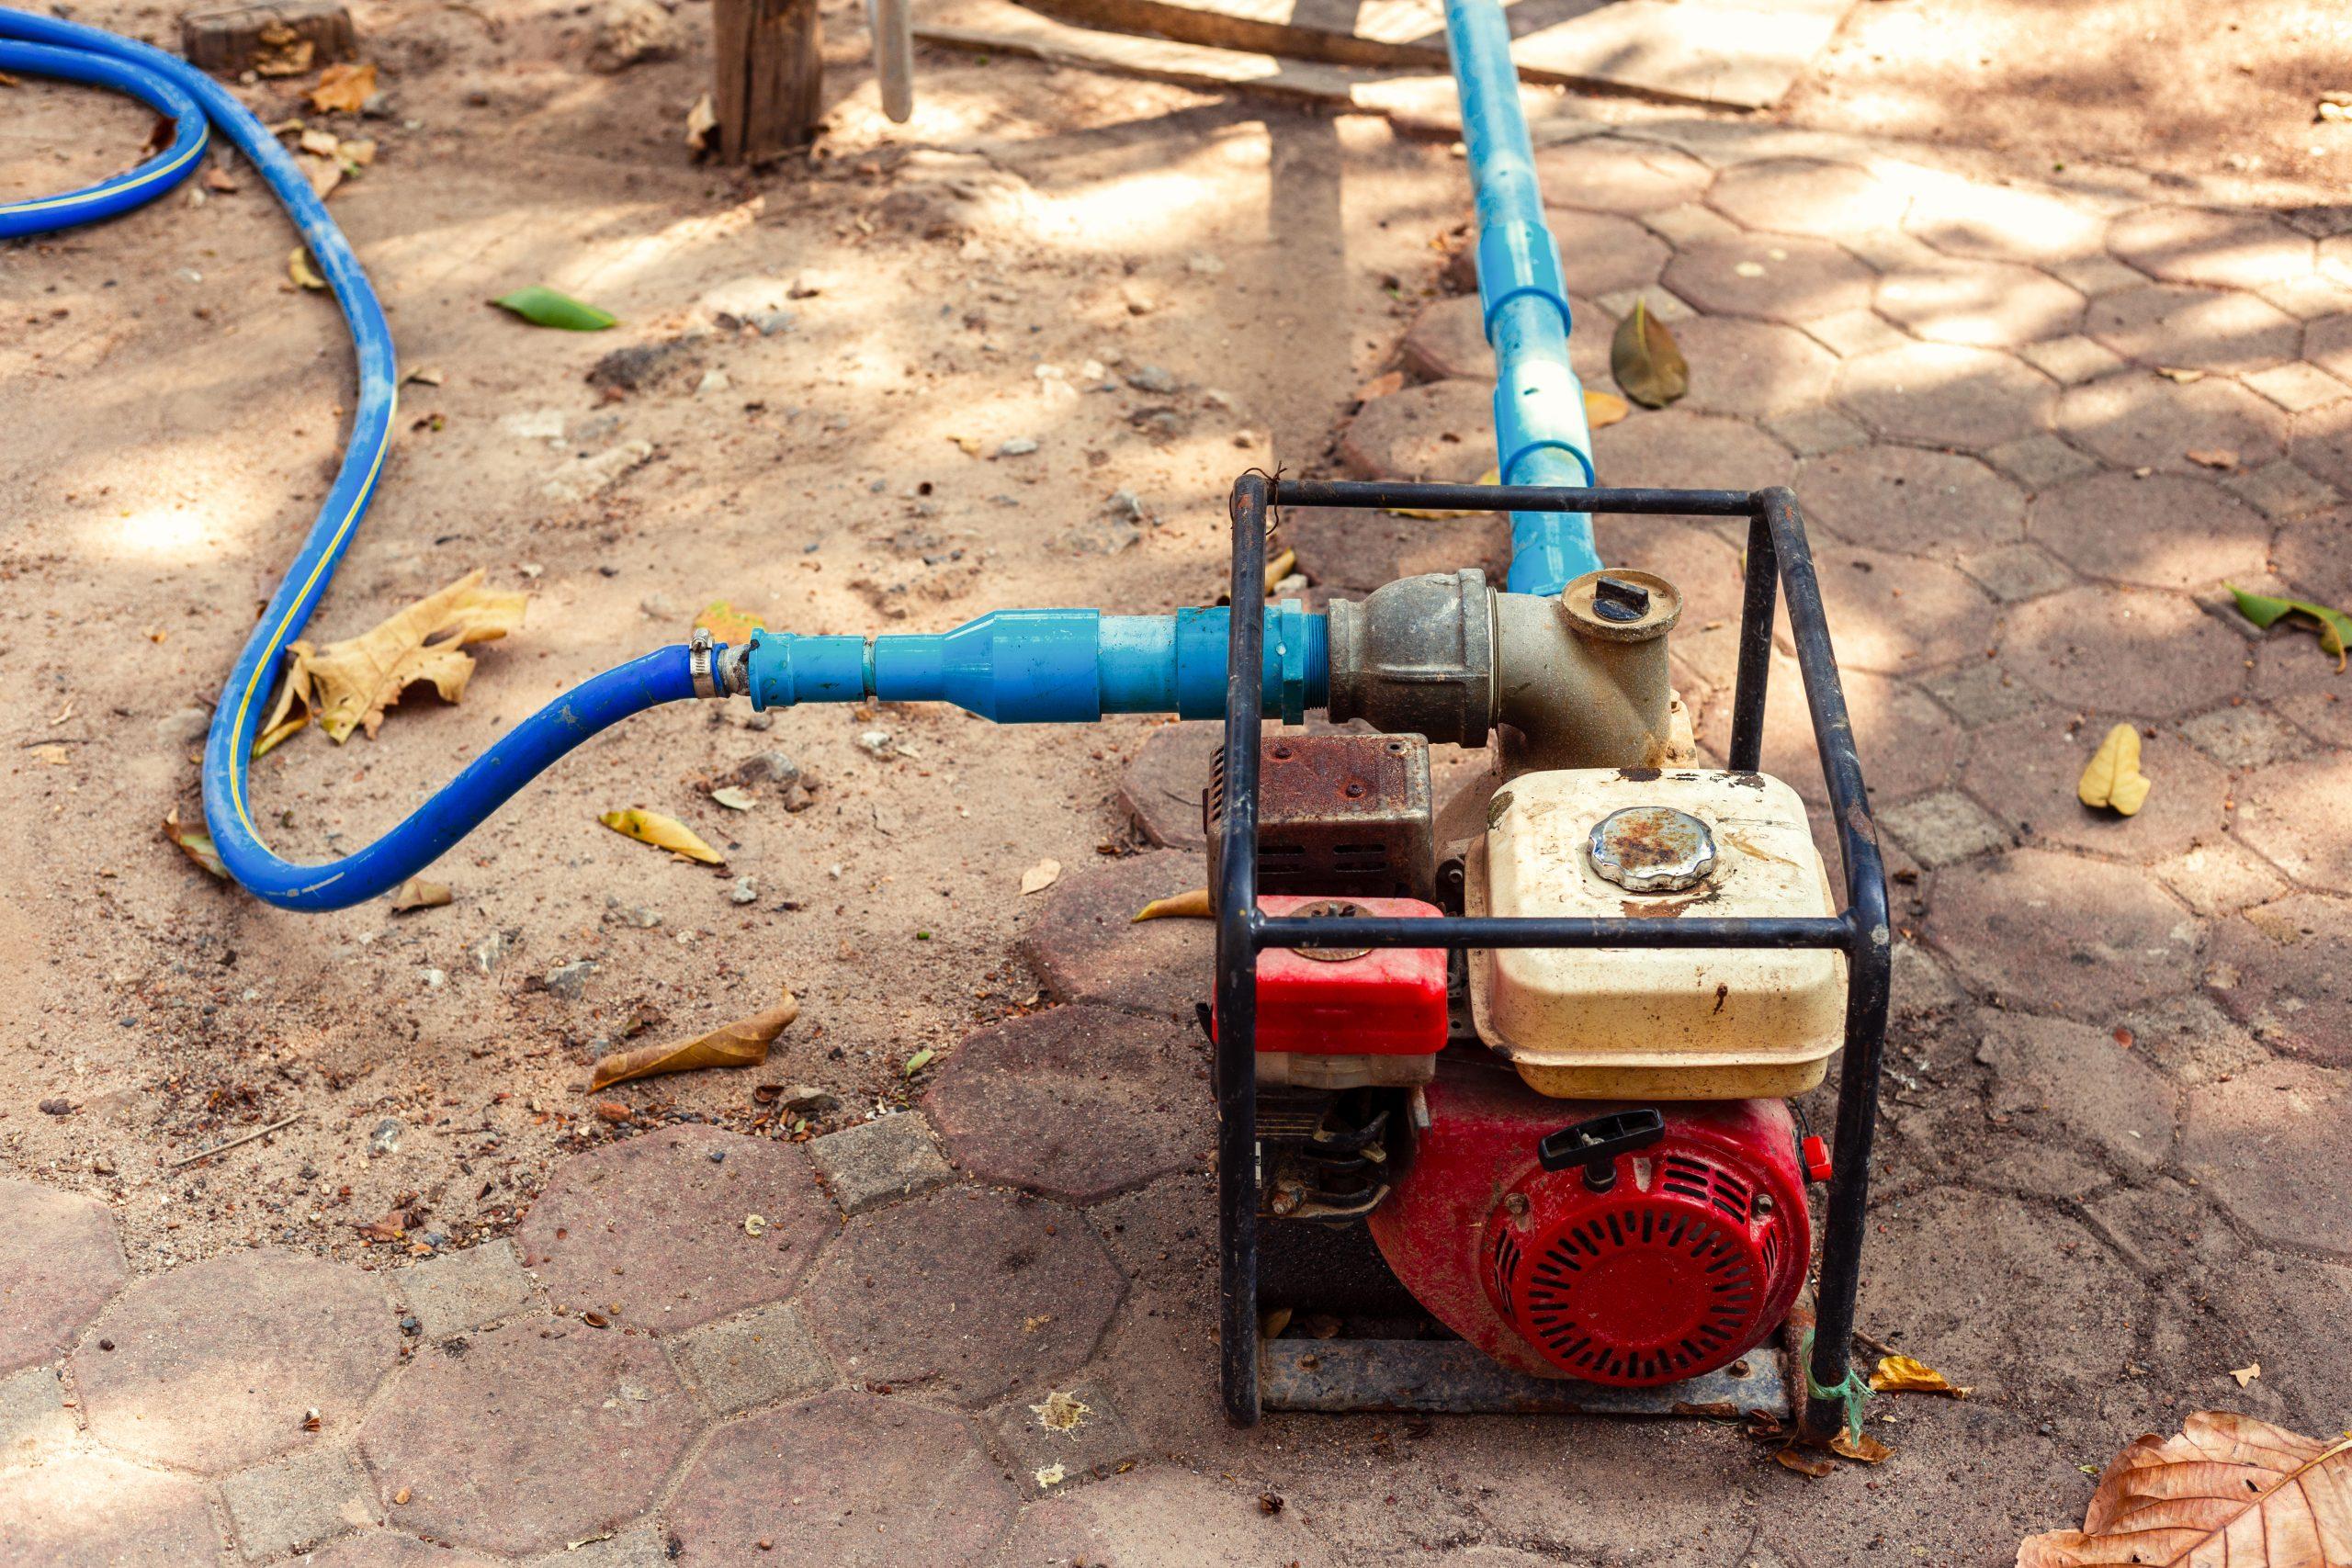 Una motobomba de gasolina funcionando